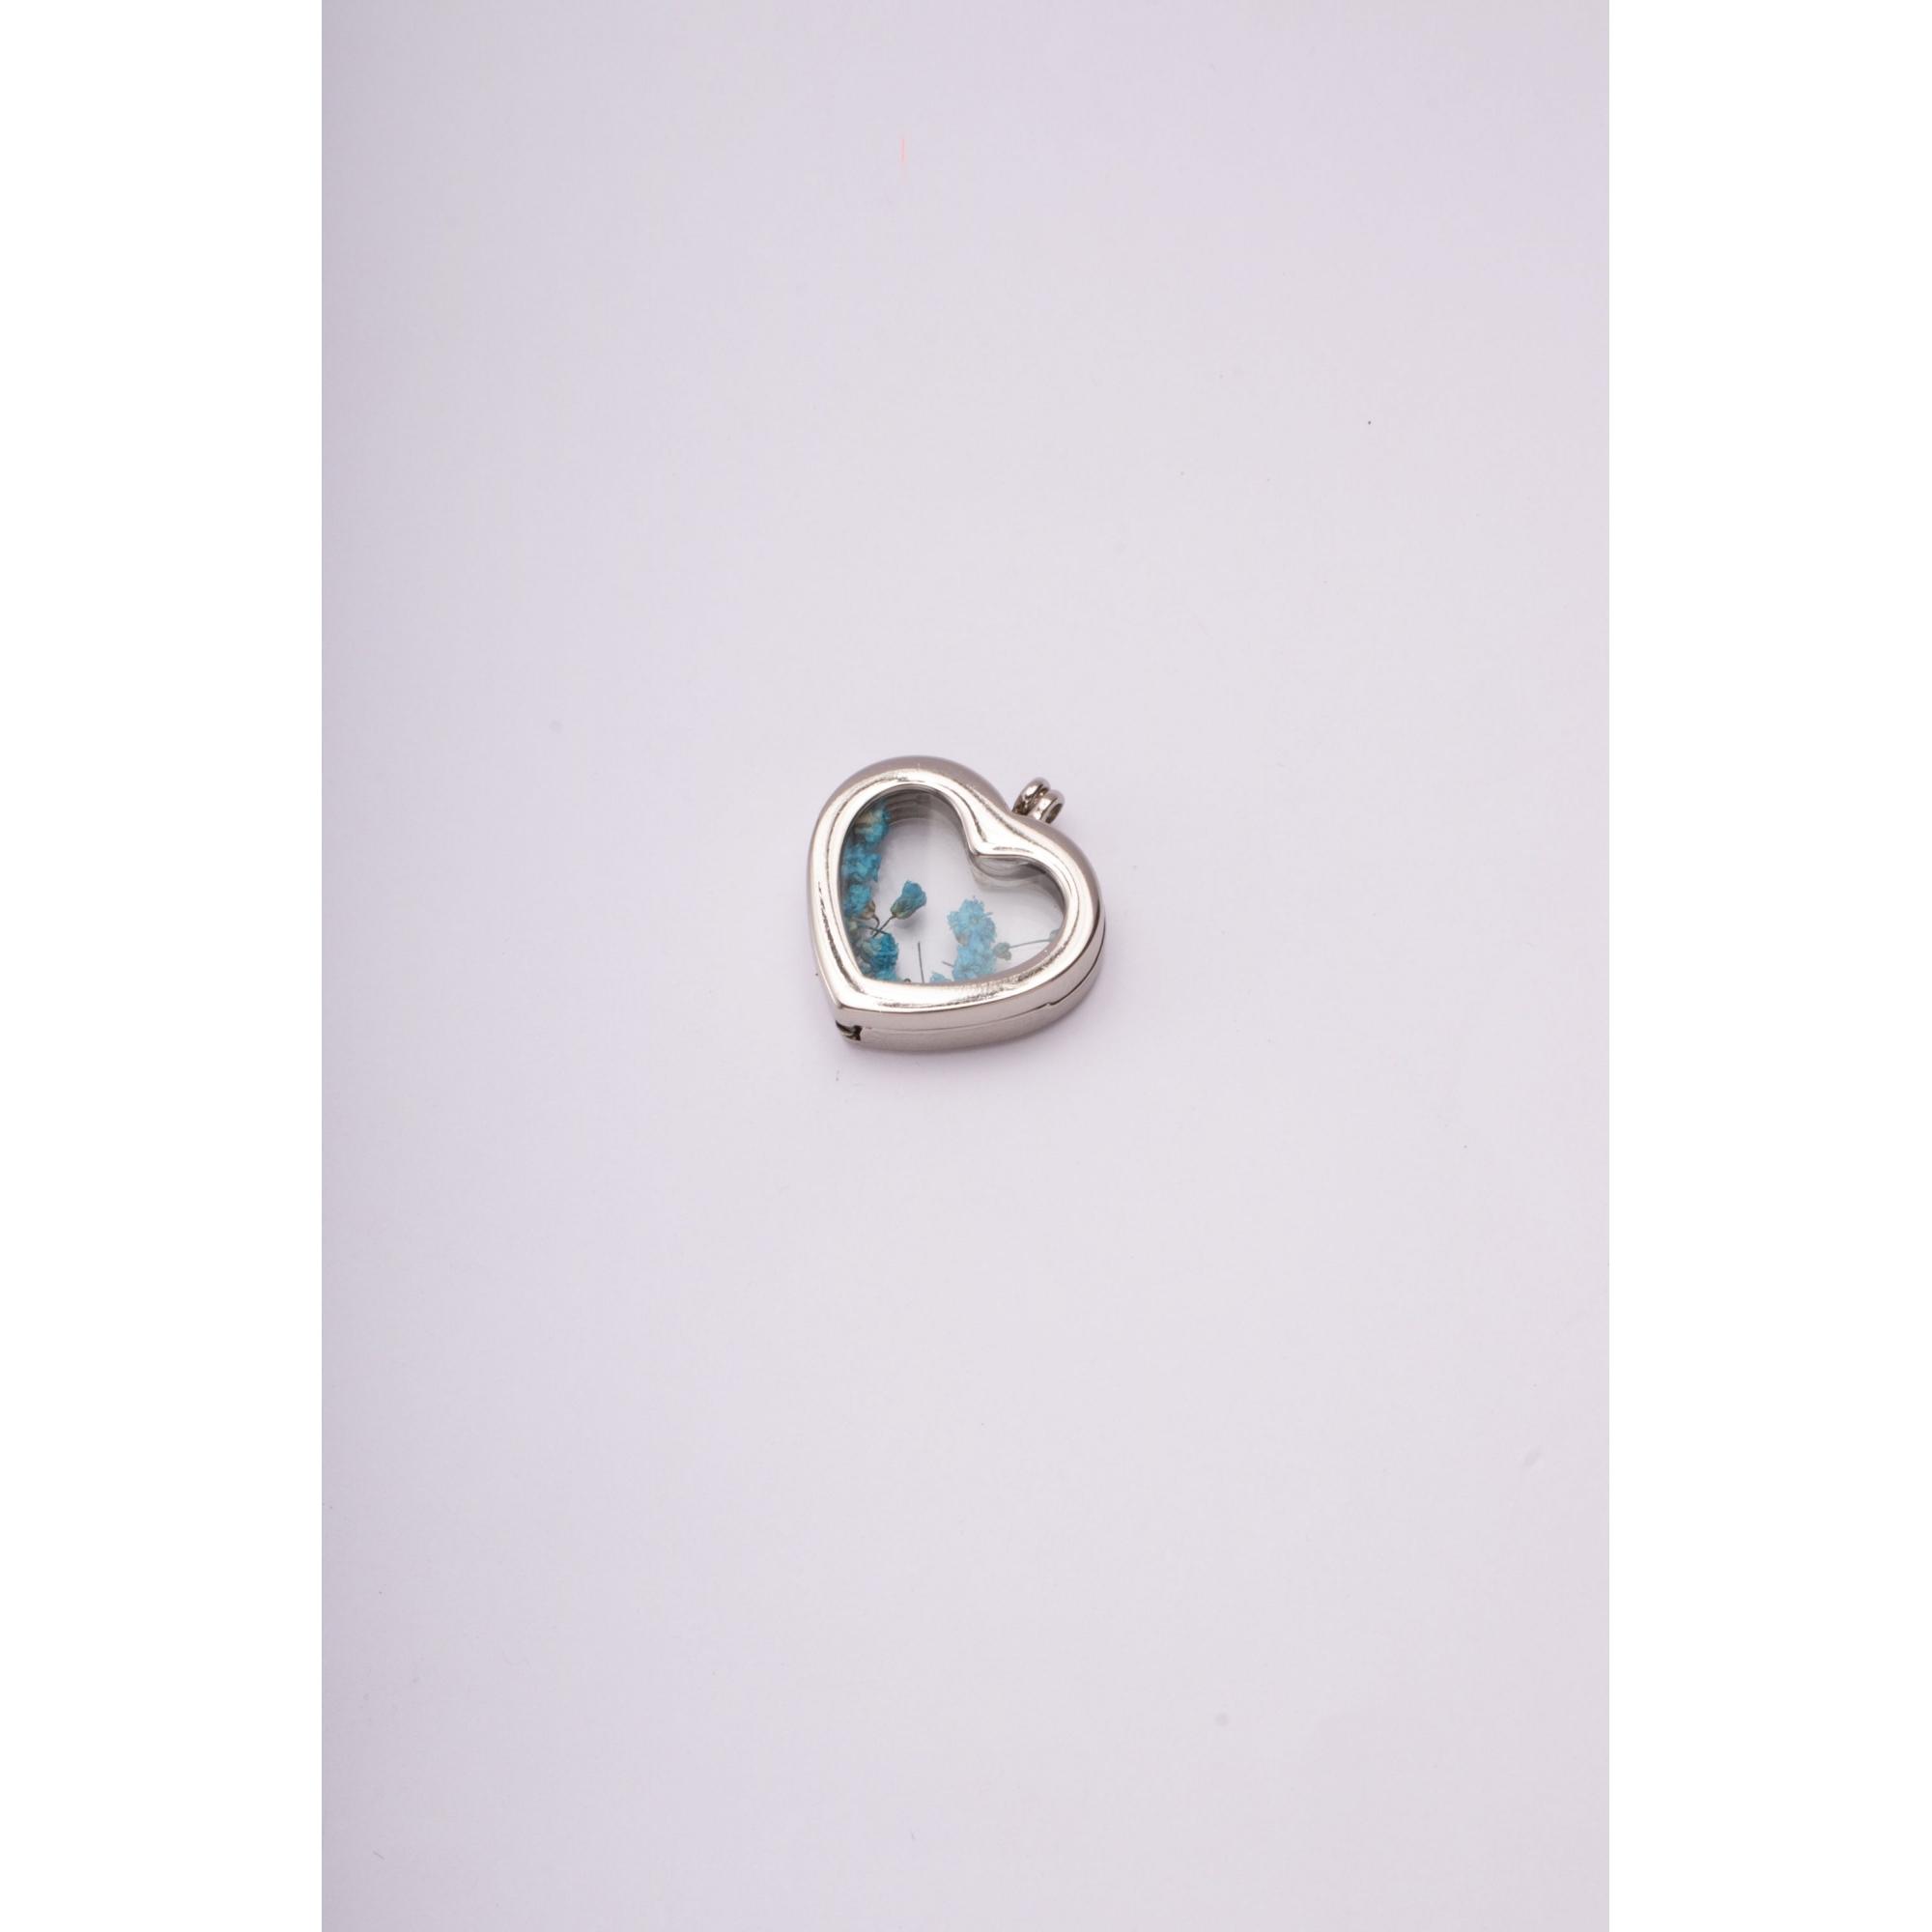 Pingente de cápsula de coração com flores azul